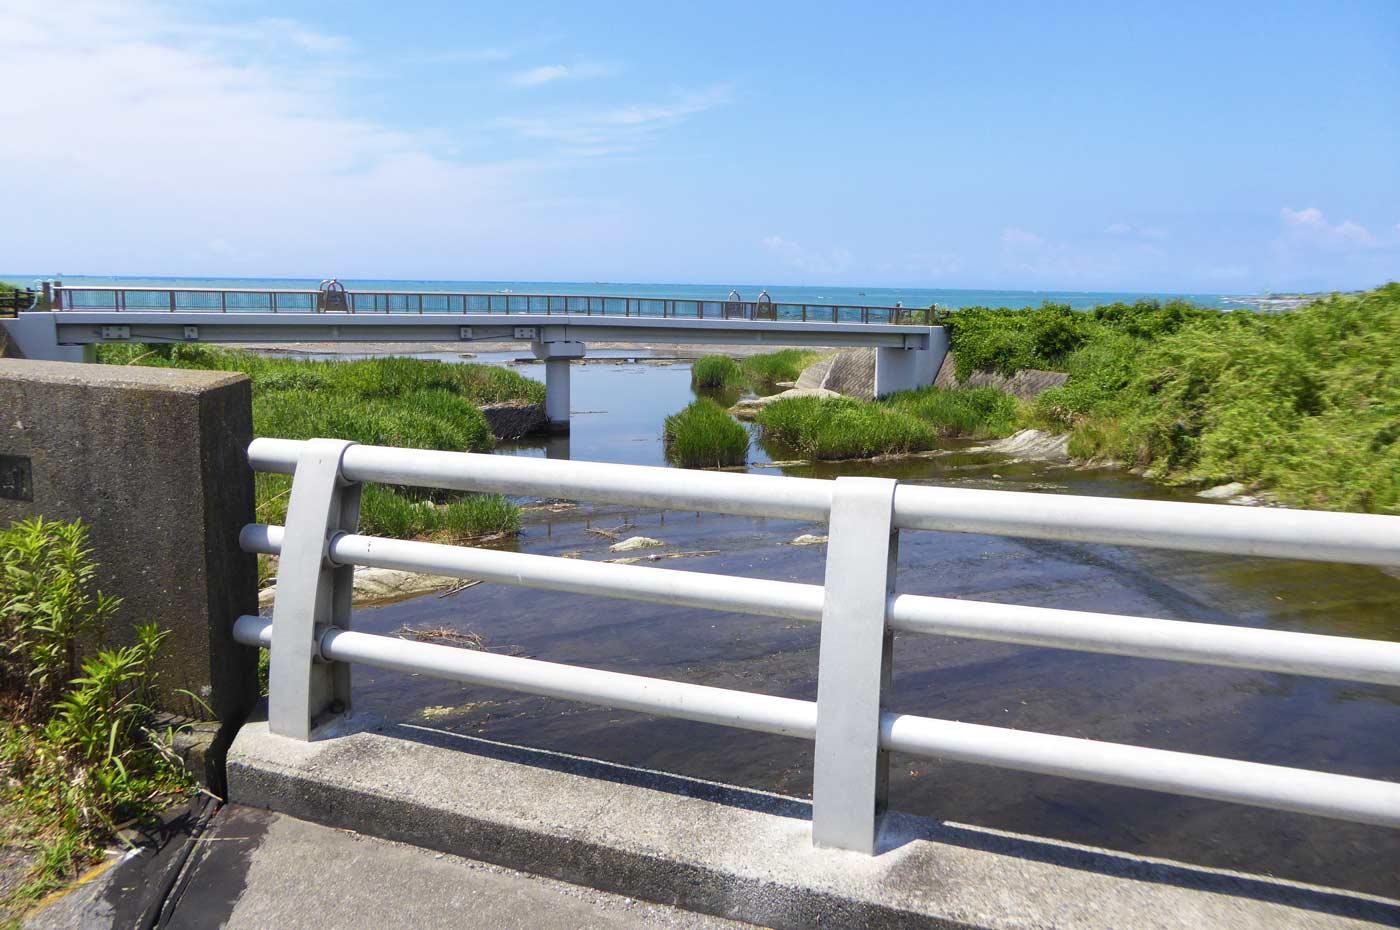 銀鱗橋の画像